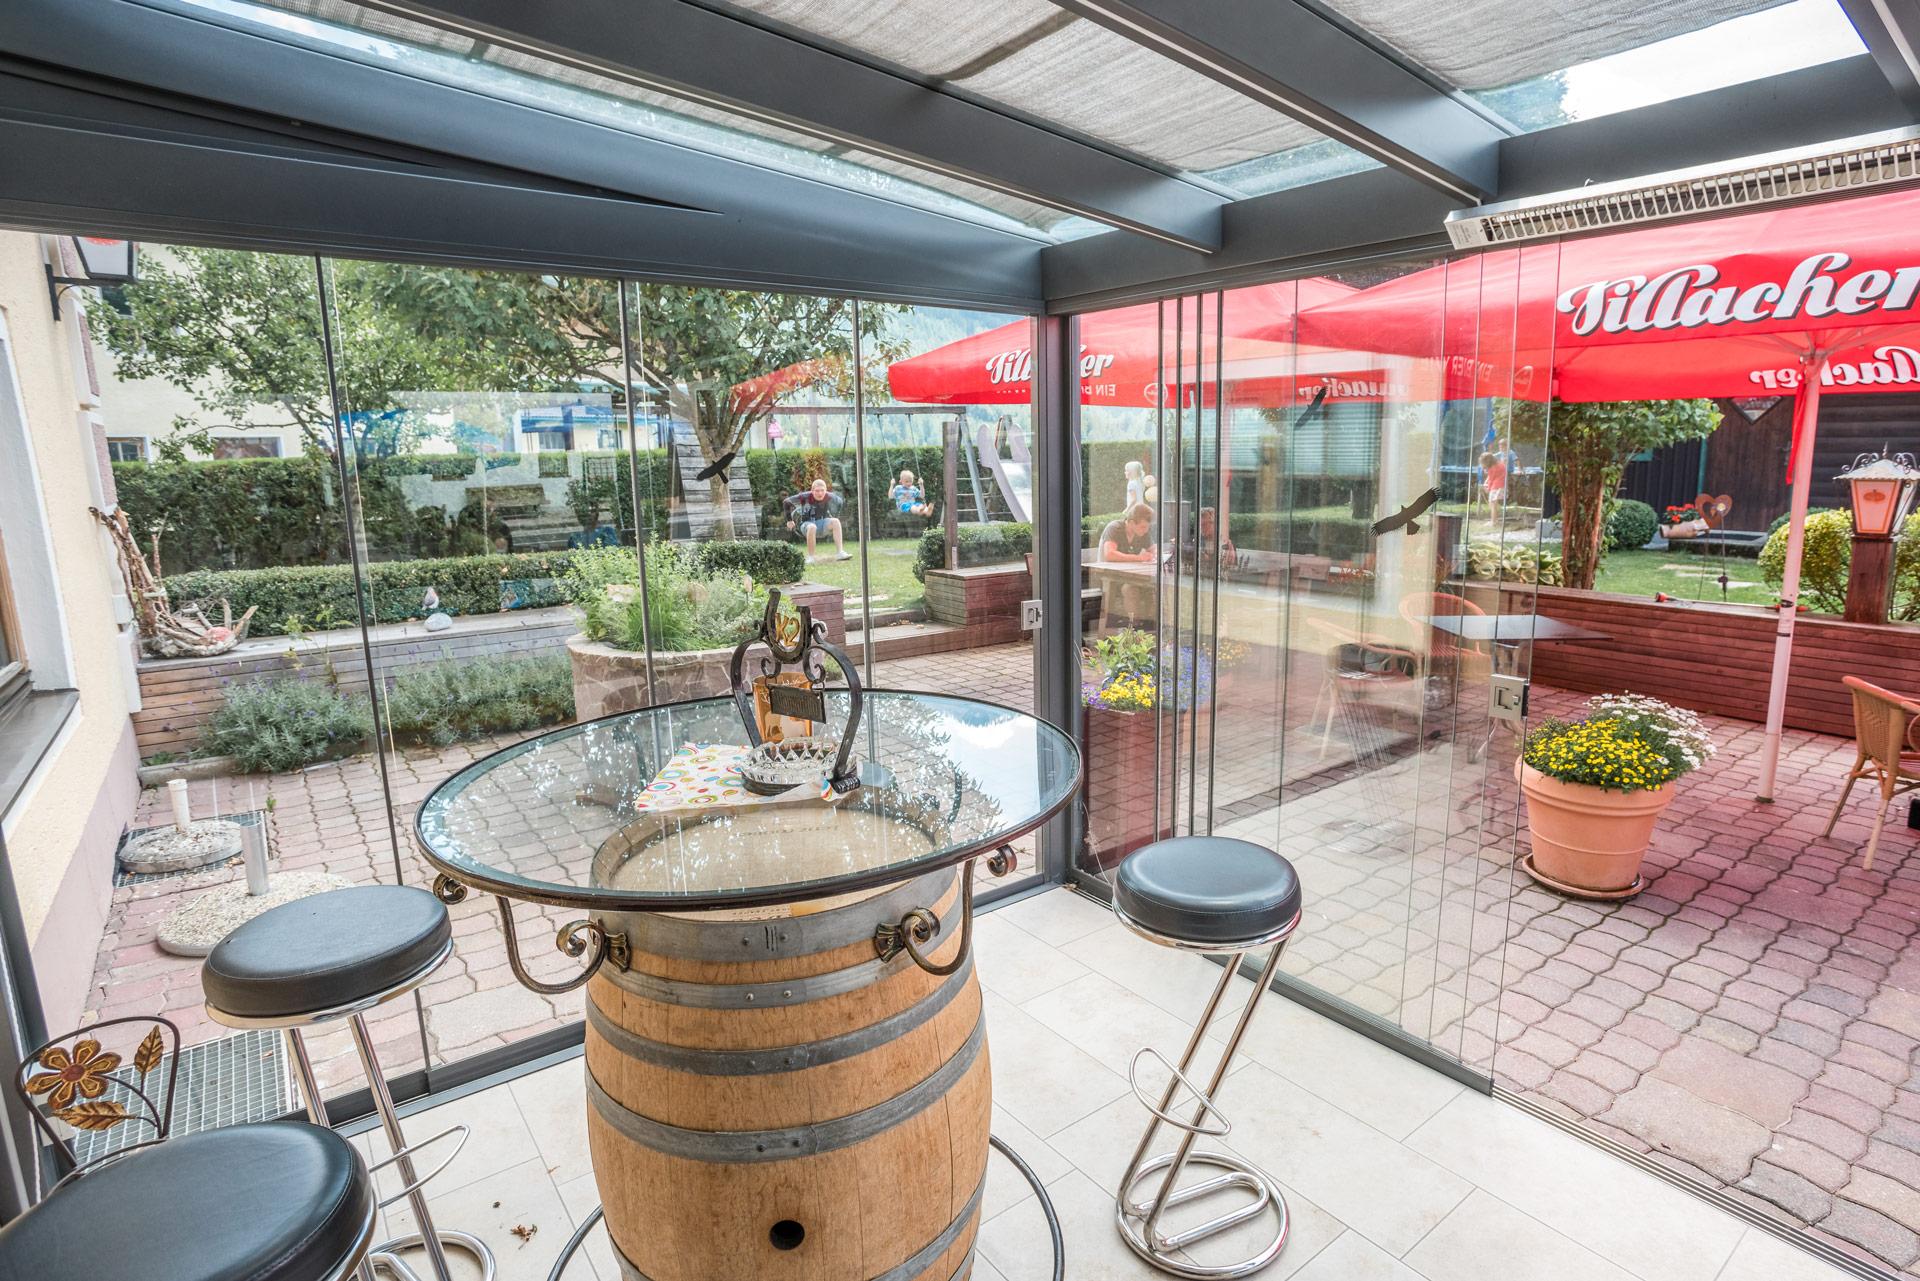 Schiebe 05 a   Sommergartenverglasung Schiebeglas bei Biergarten als Wind- und Regenschutz   Svoboda